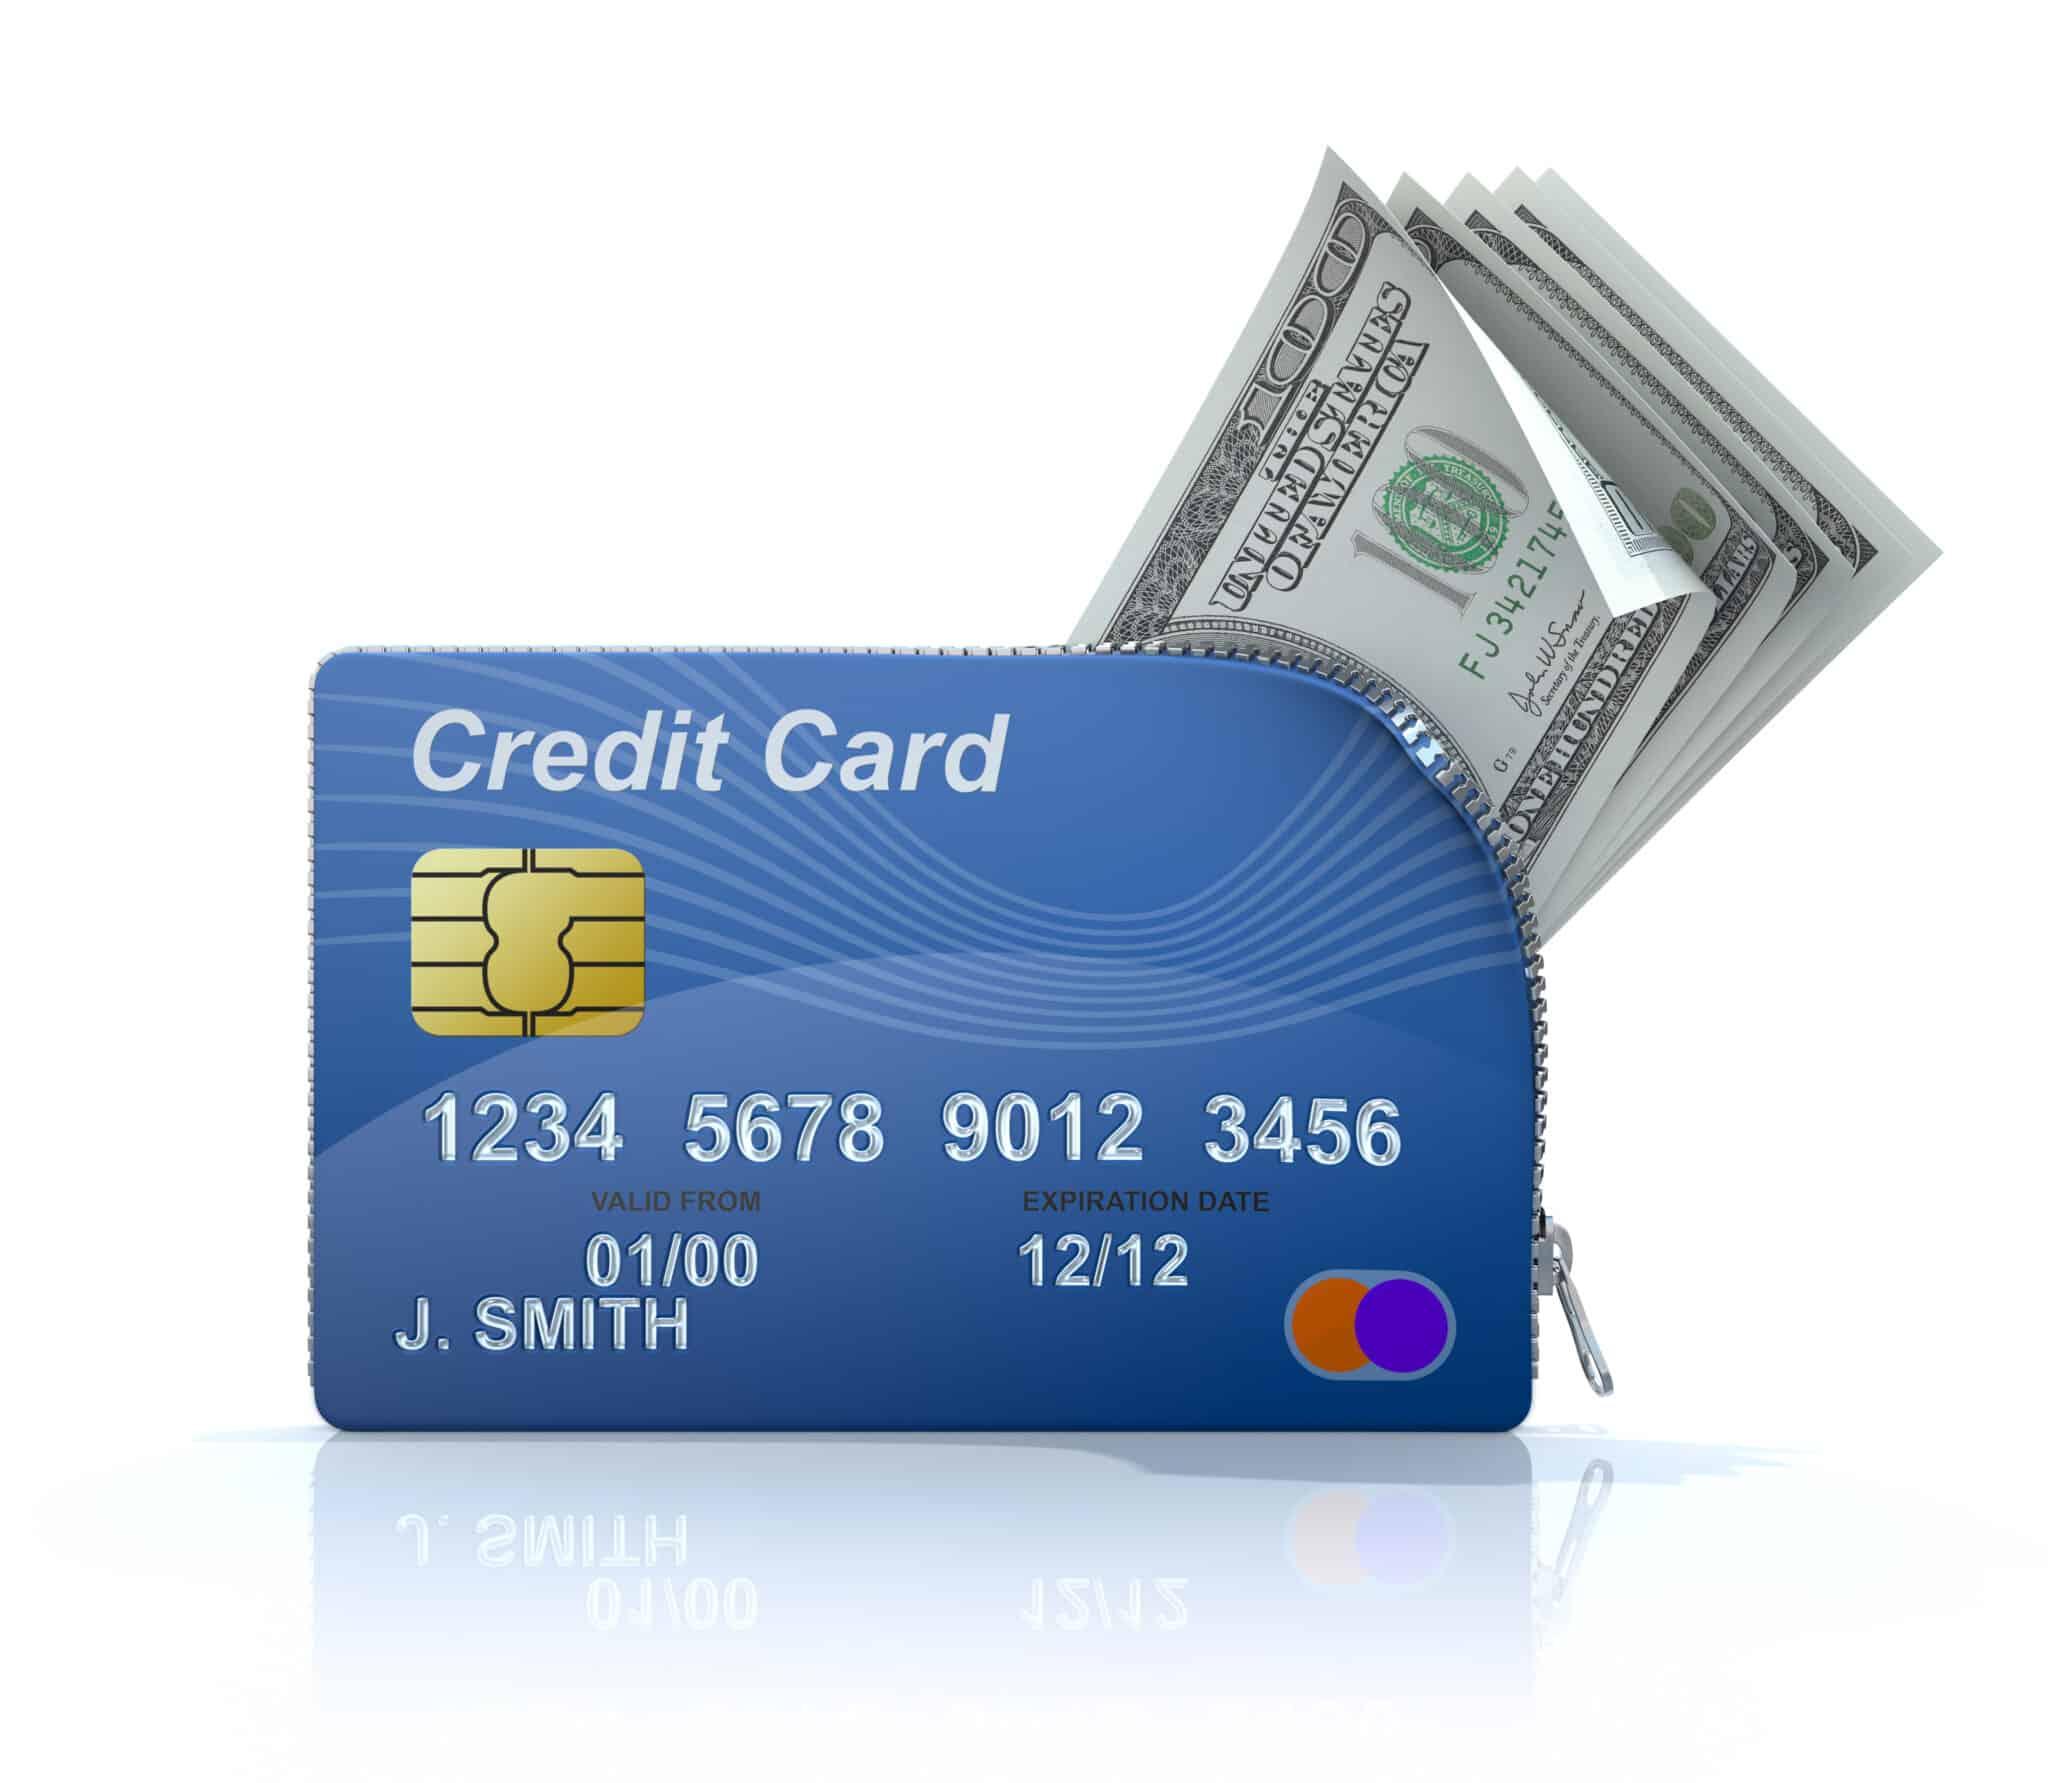 Carte Bancaire Prepayee Gratuite Quelle Banque La Propose